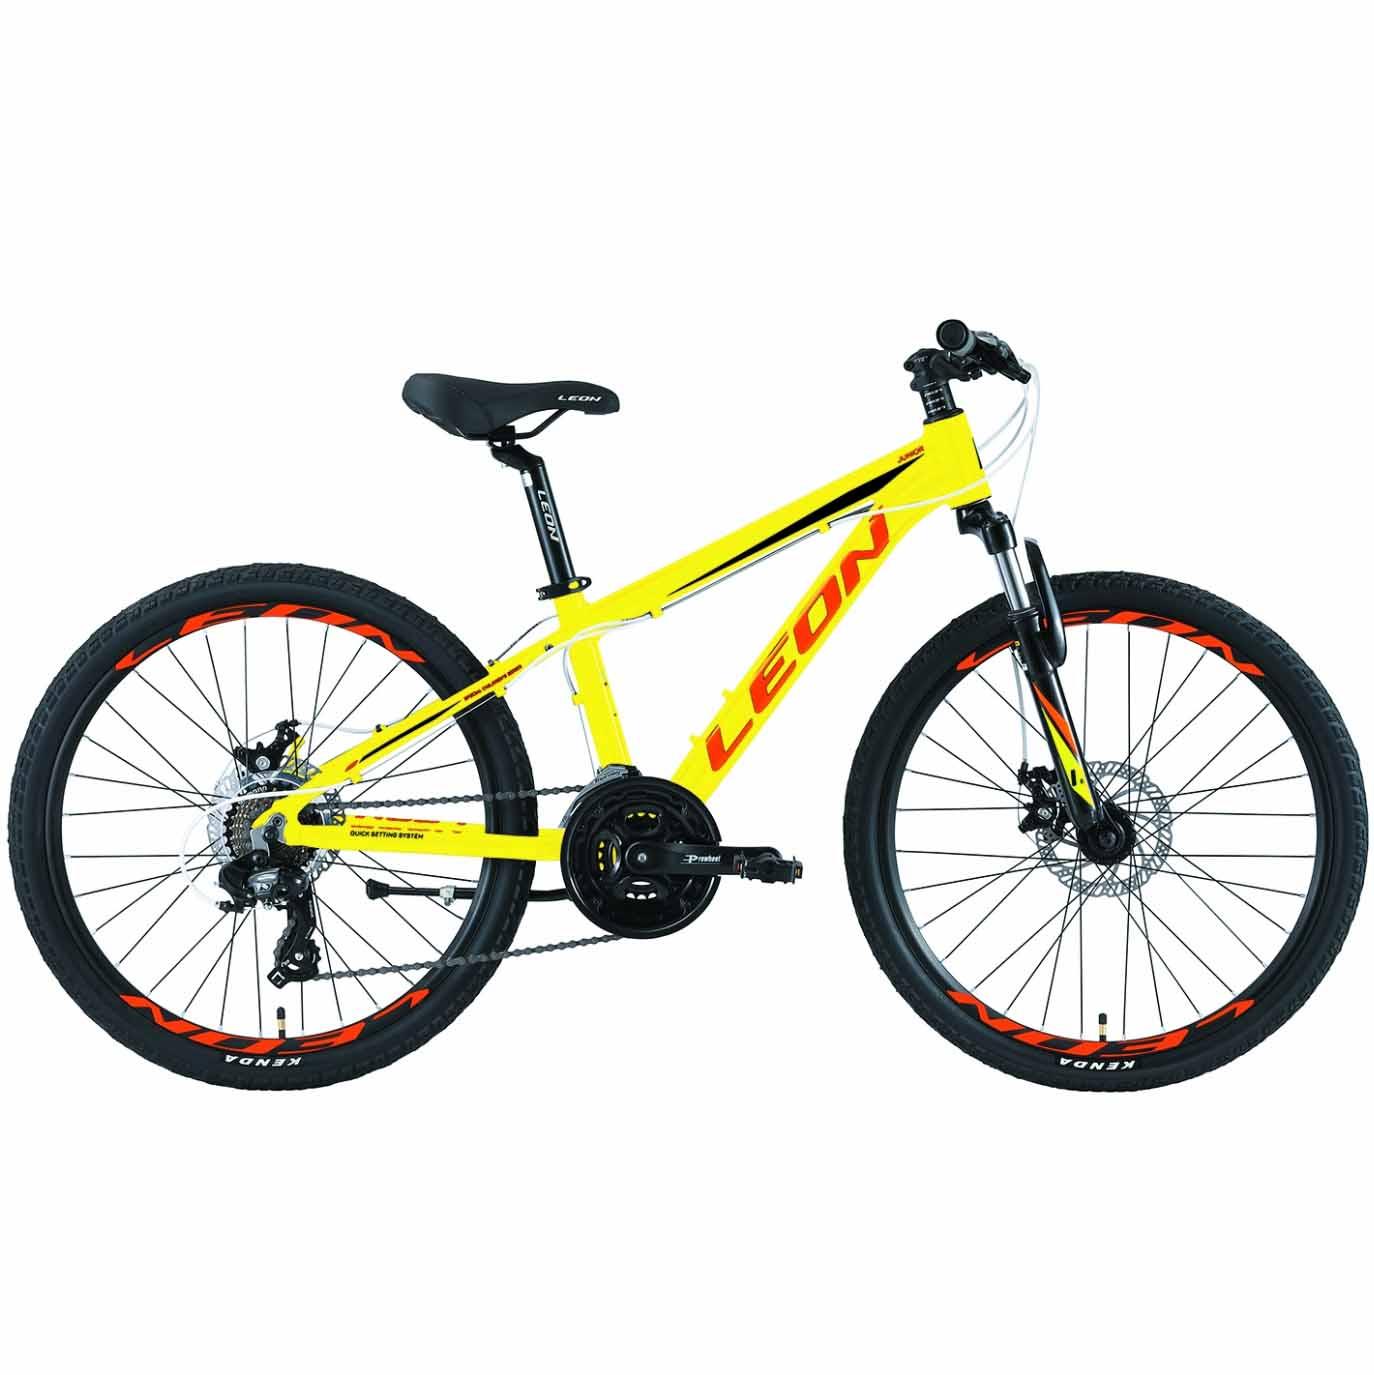 Фото Горный Детский Велосипед 24 Leon JUNIOR DD  салатно-оранжевый   2019